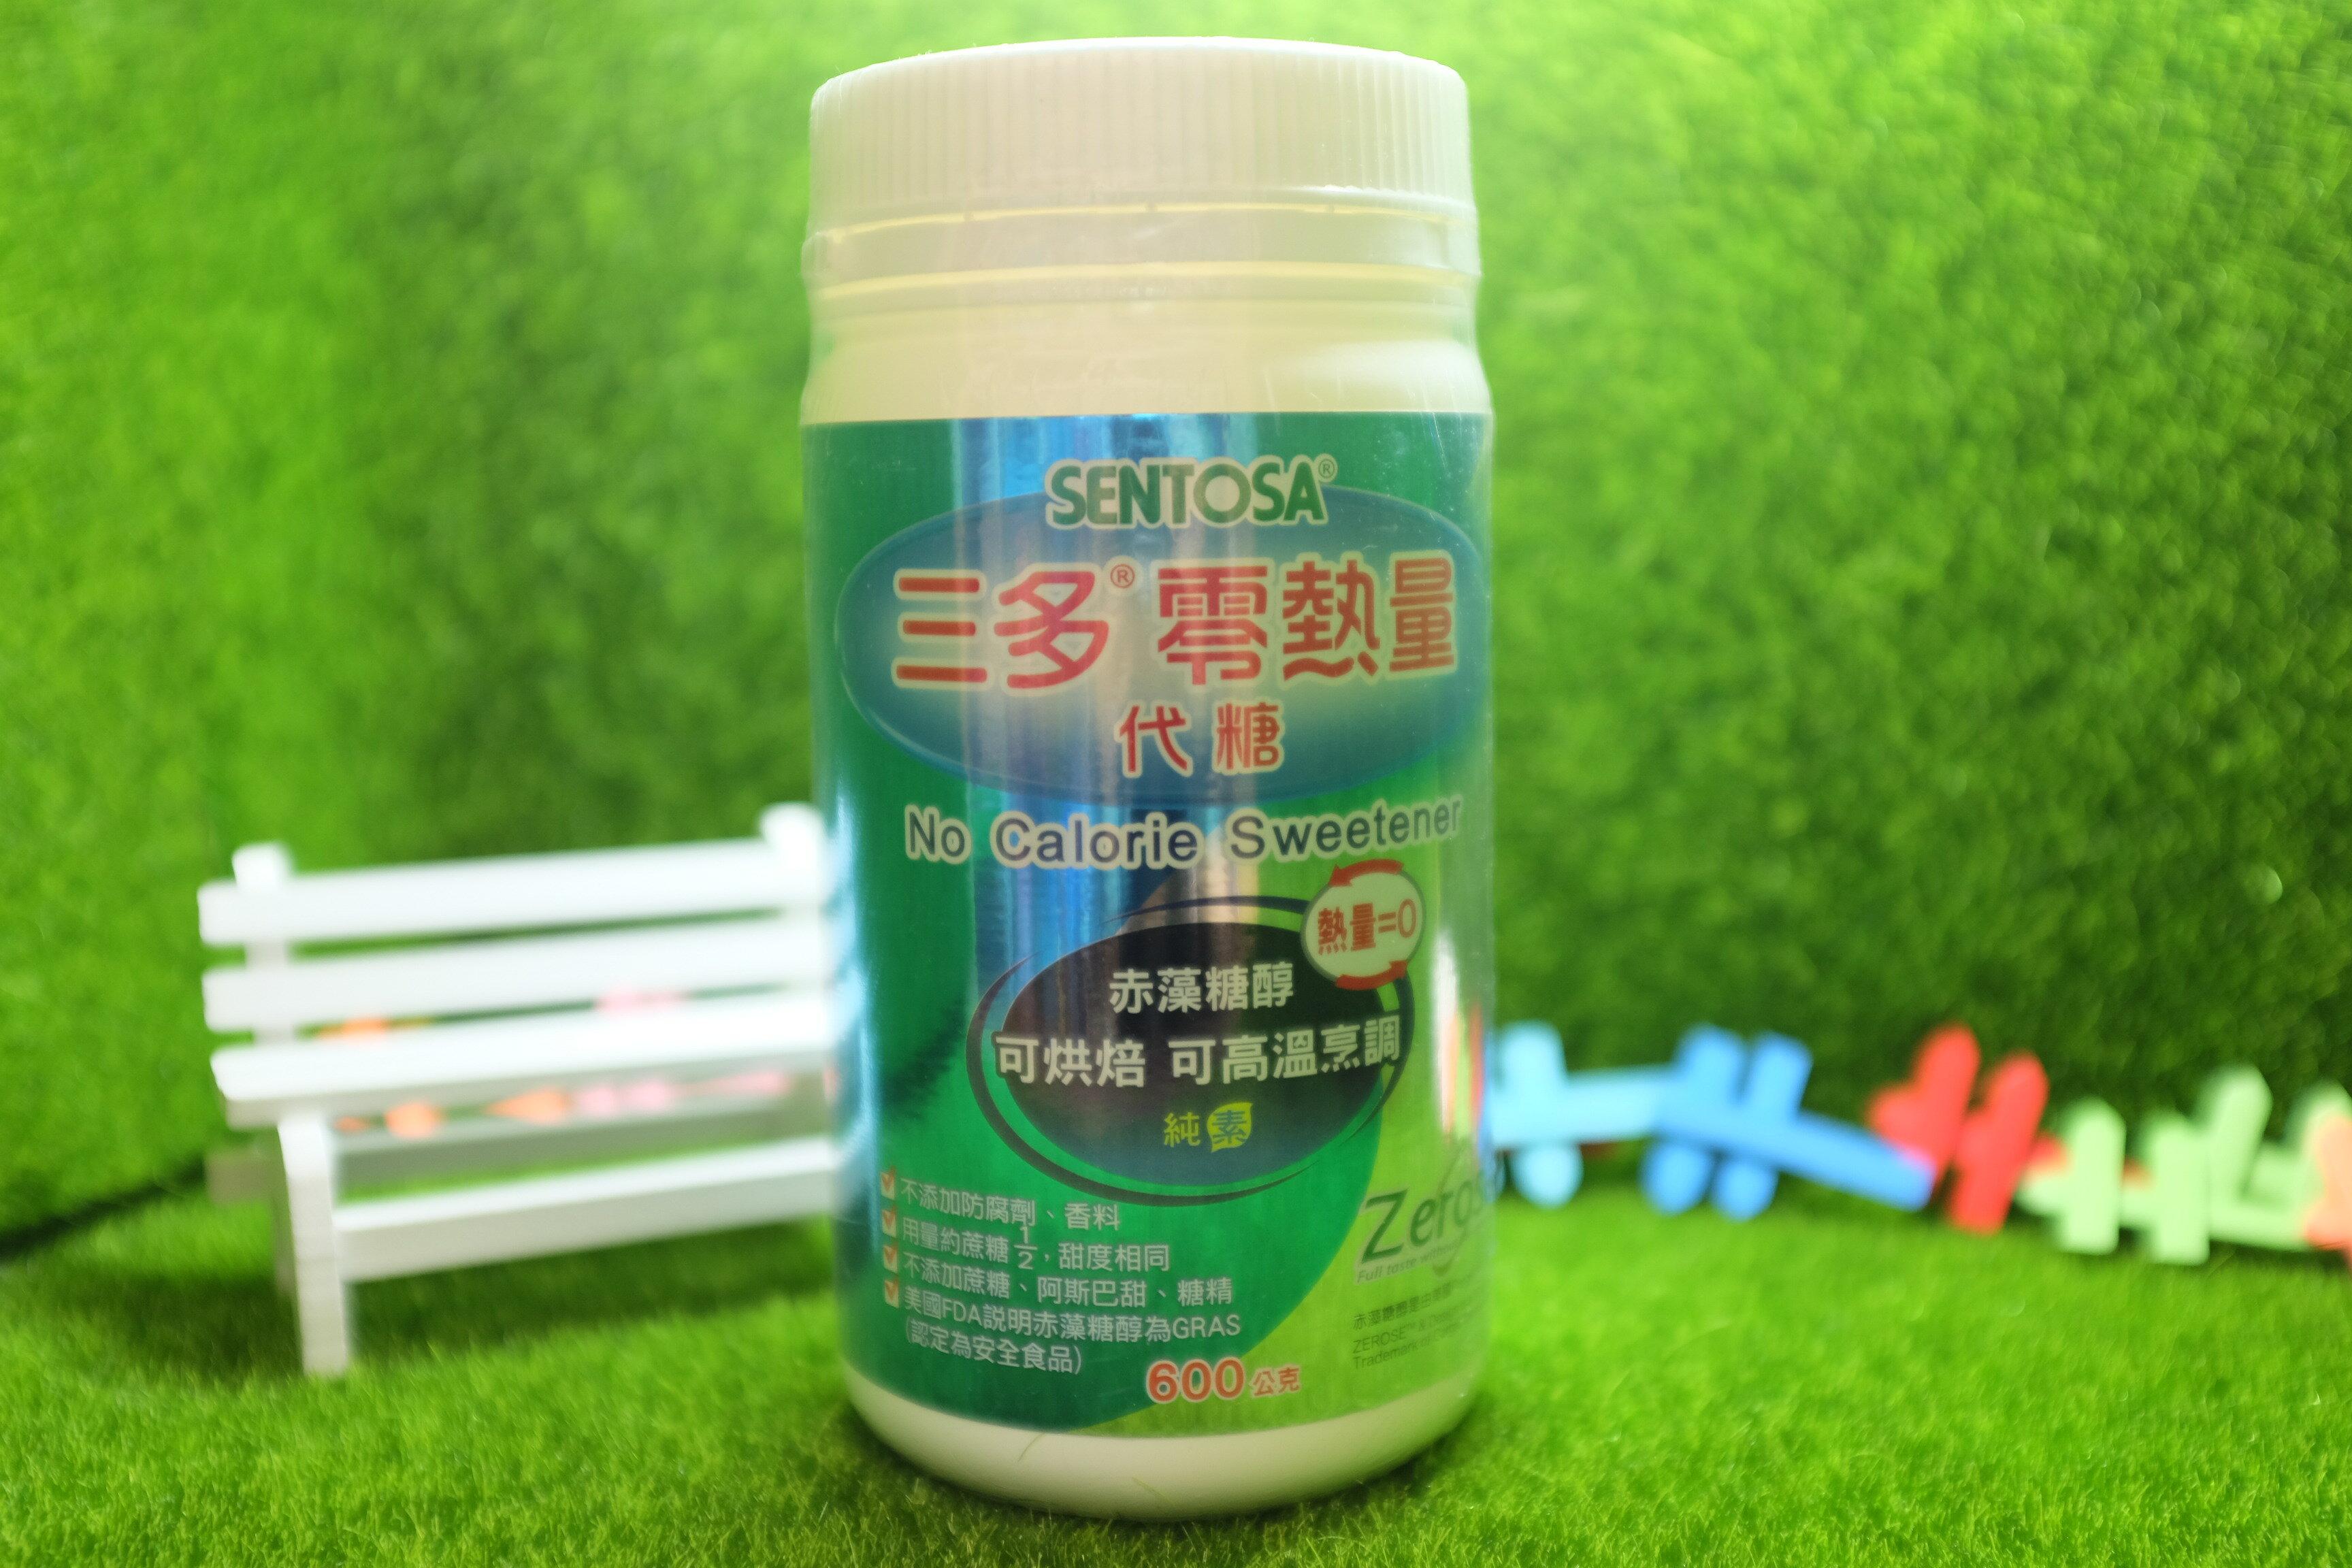 三多 零熱量代糖 600g#赤藻糖醇 純素